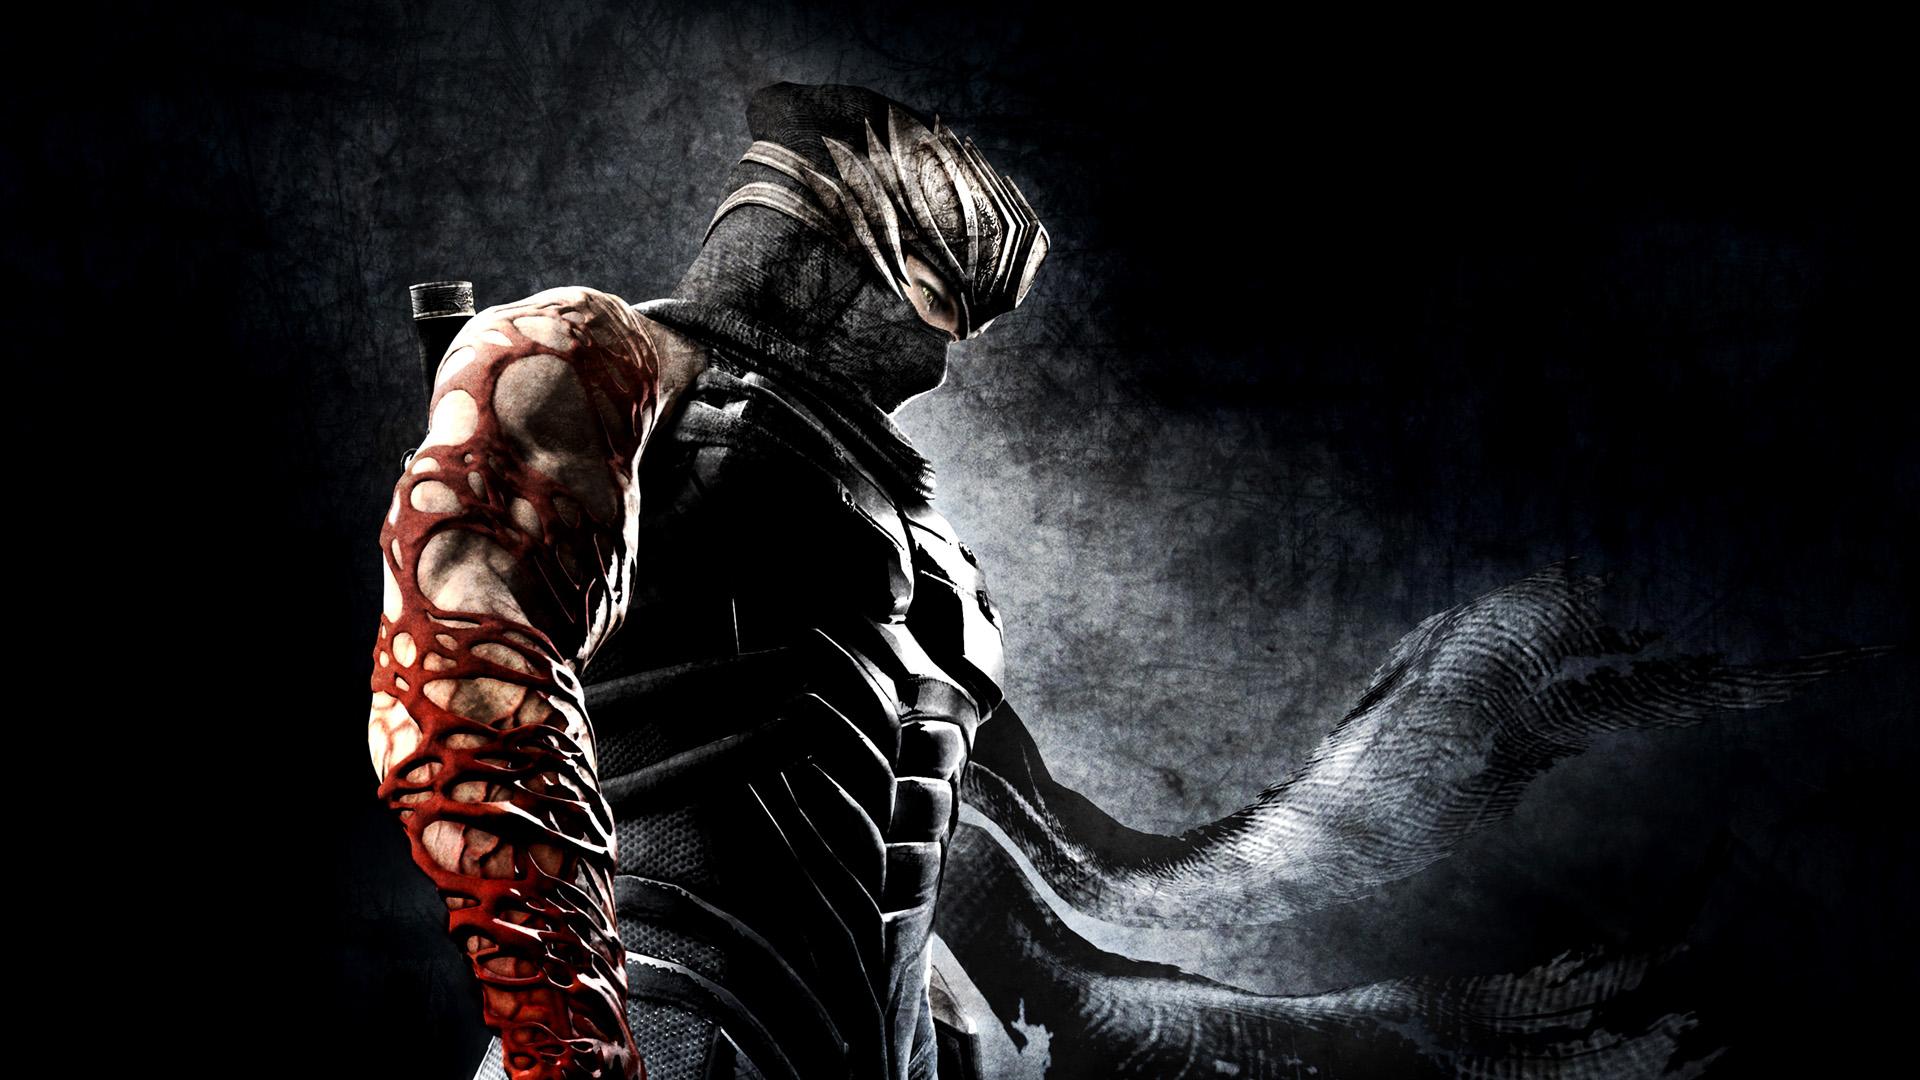 Game Ninja Gaiden Wallpaper: Ninja Gaiden 3 Review (PS3/360)